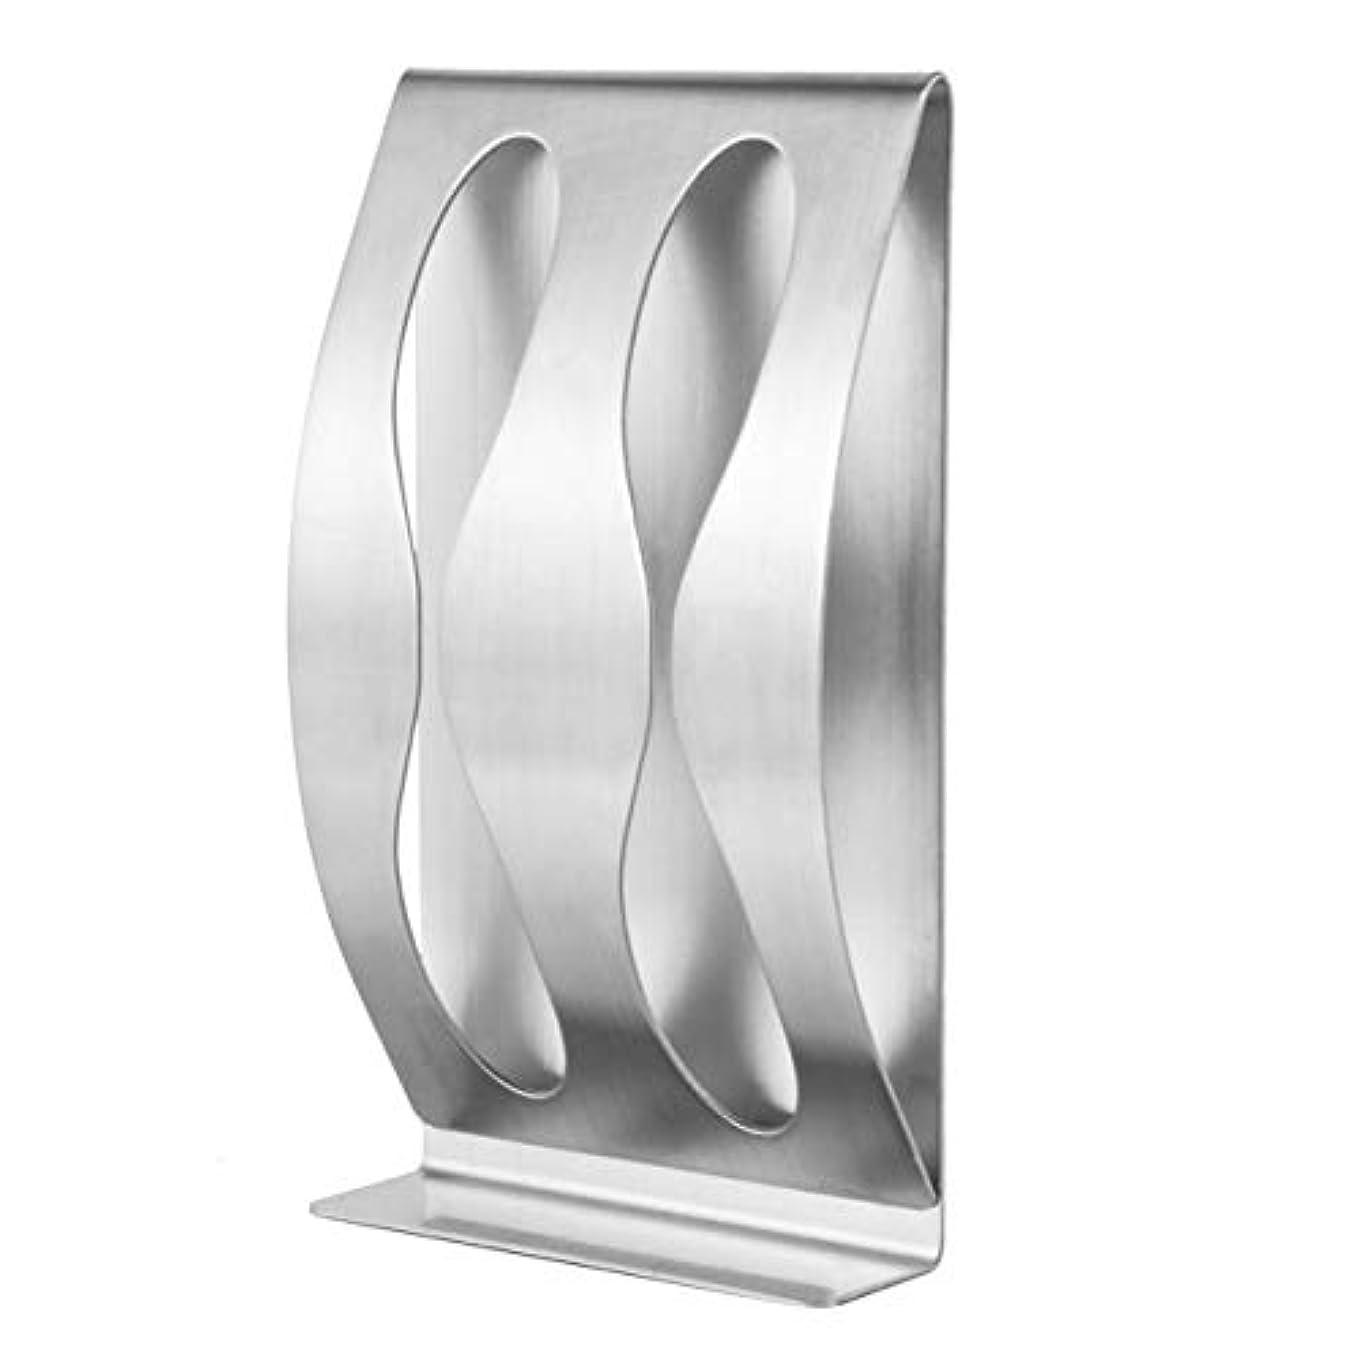 測定統治可能ベジタリアン2穴の棚が付いているステンレス鋼の歯ブラシの壁に取り付けられた歯ブラシのホールダー、銀